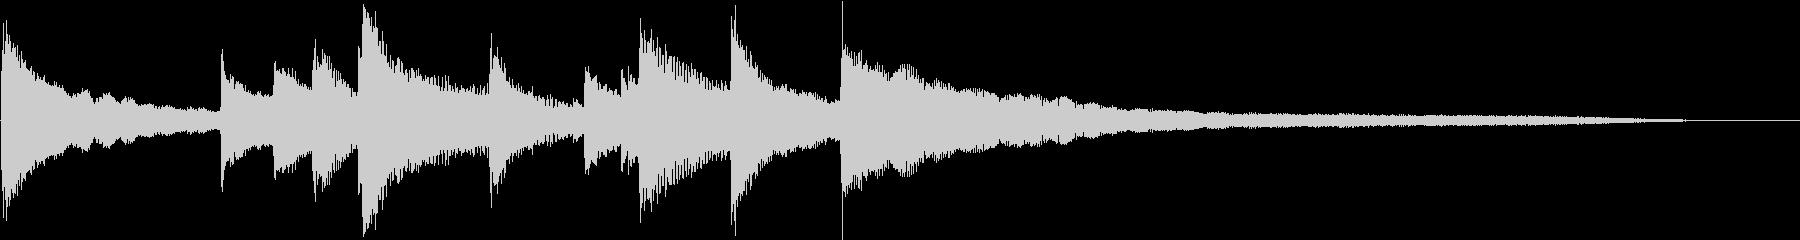 シンプルなピアノ - 優しいジングルの未再生の波形